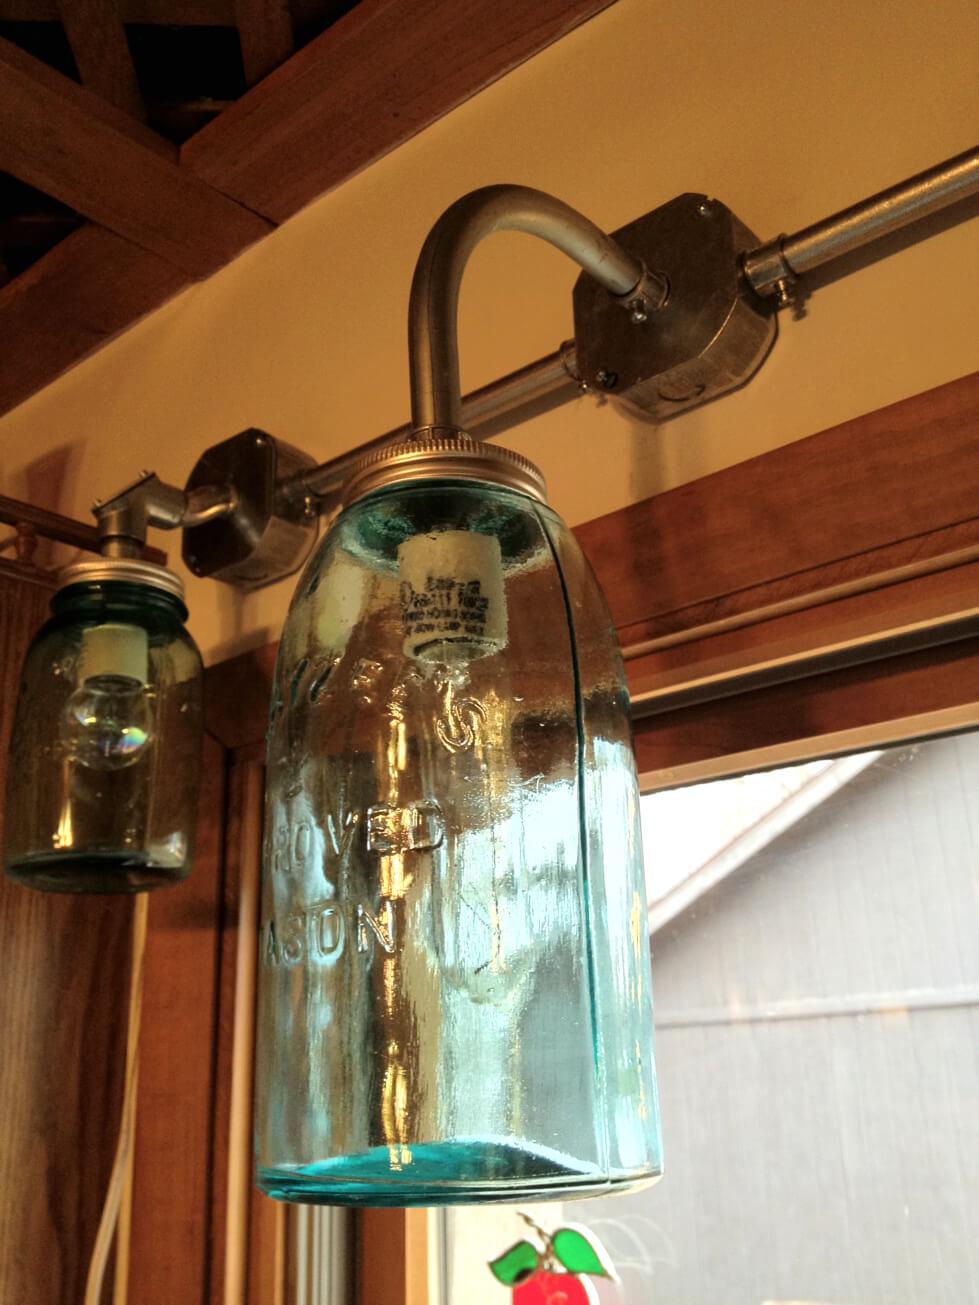 Protecteurs de lumière pour salle de bain Mason Jar